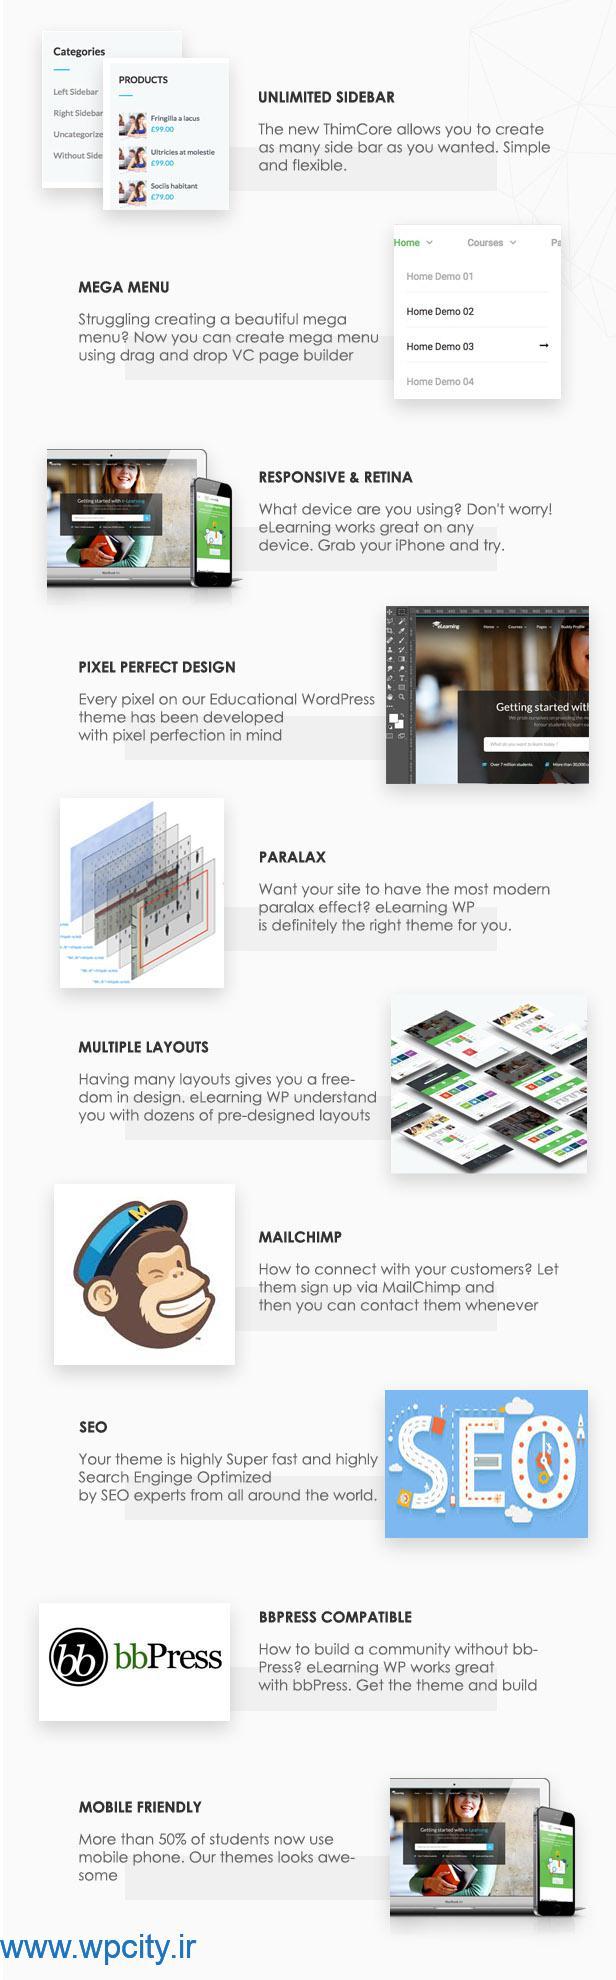 ویژگی های دیگرقالب آموزشگاهی eLearningWP